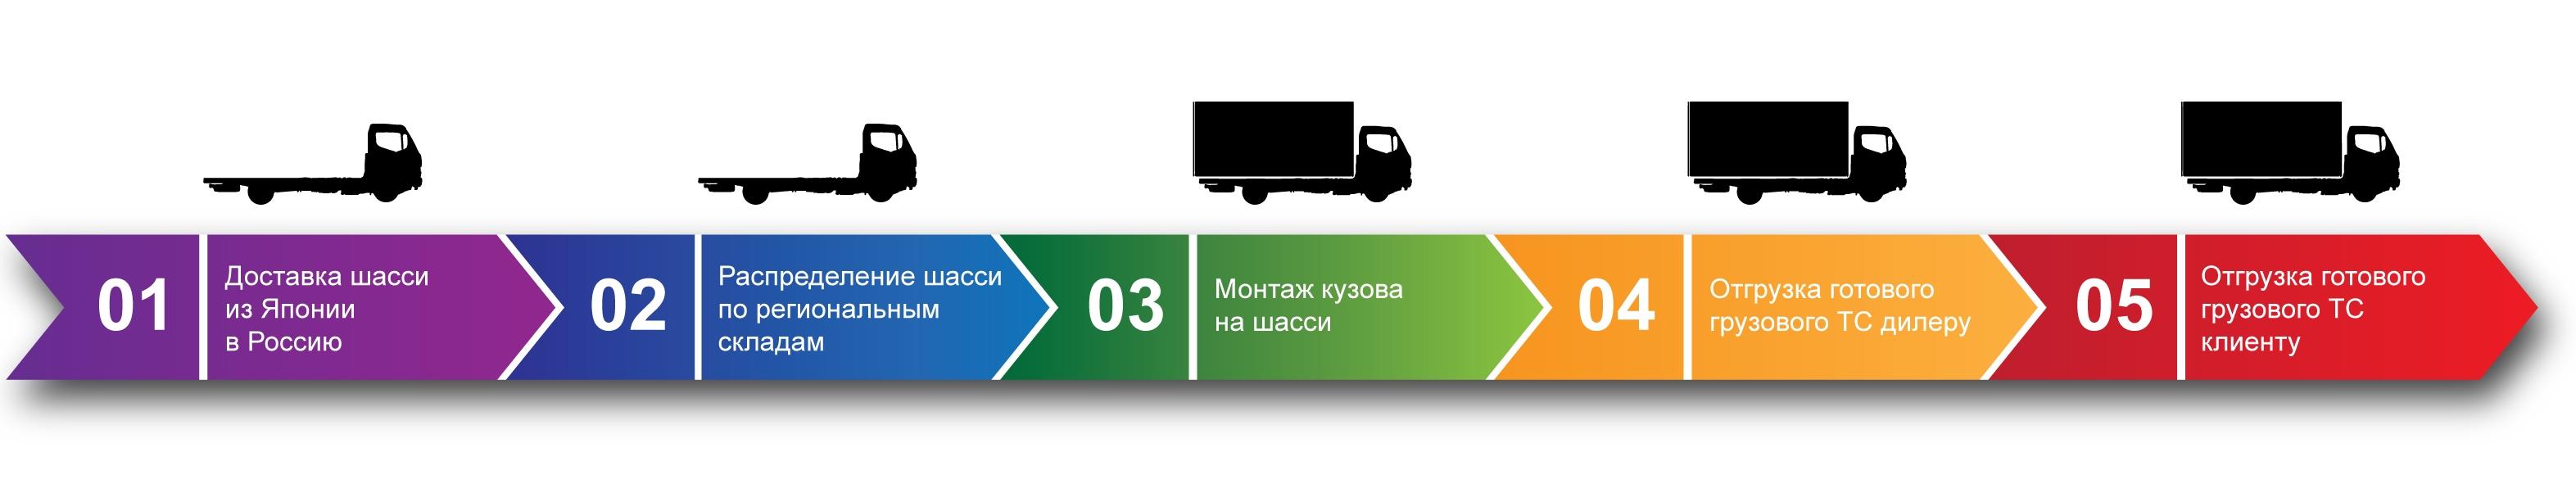 HINO готовое грузовое ТС